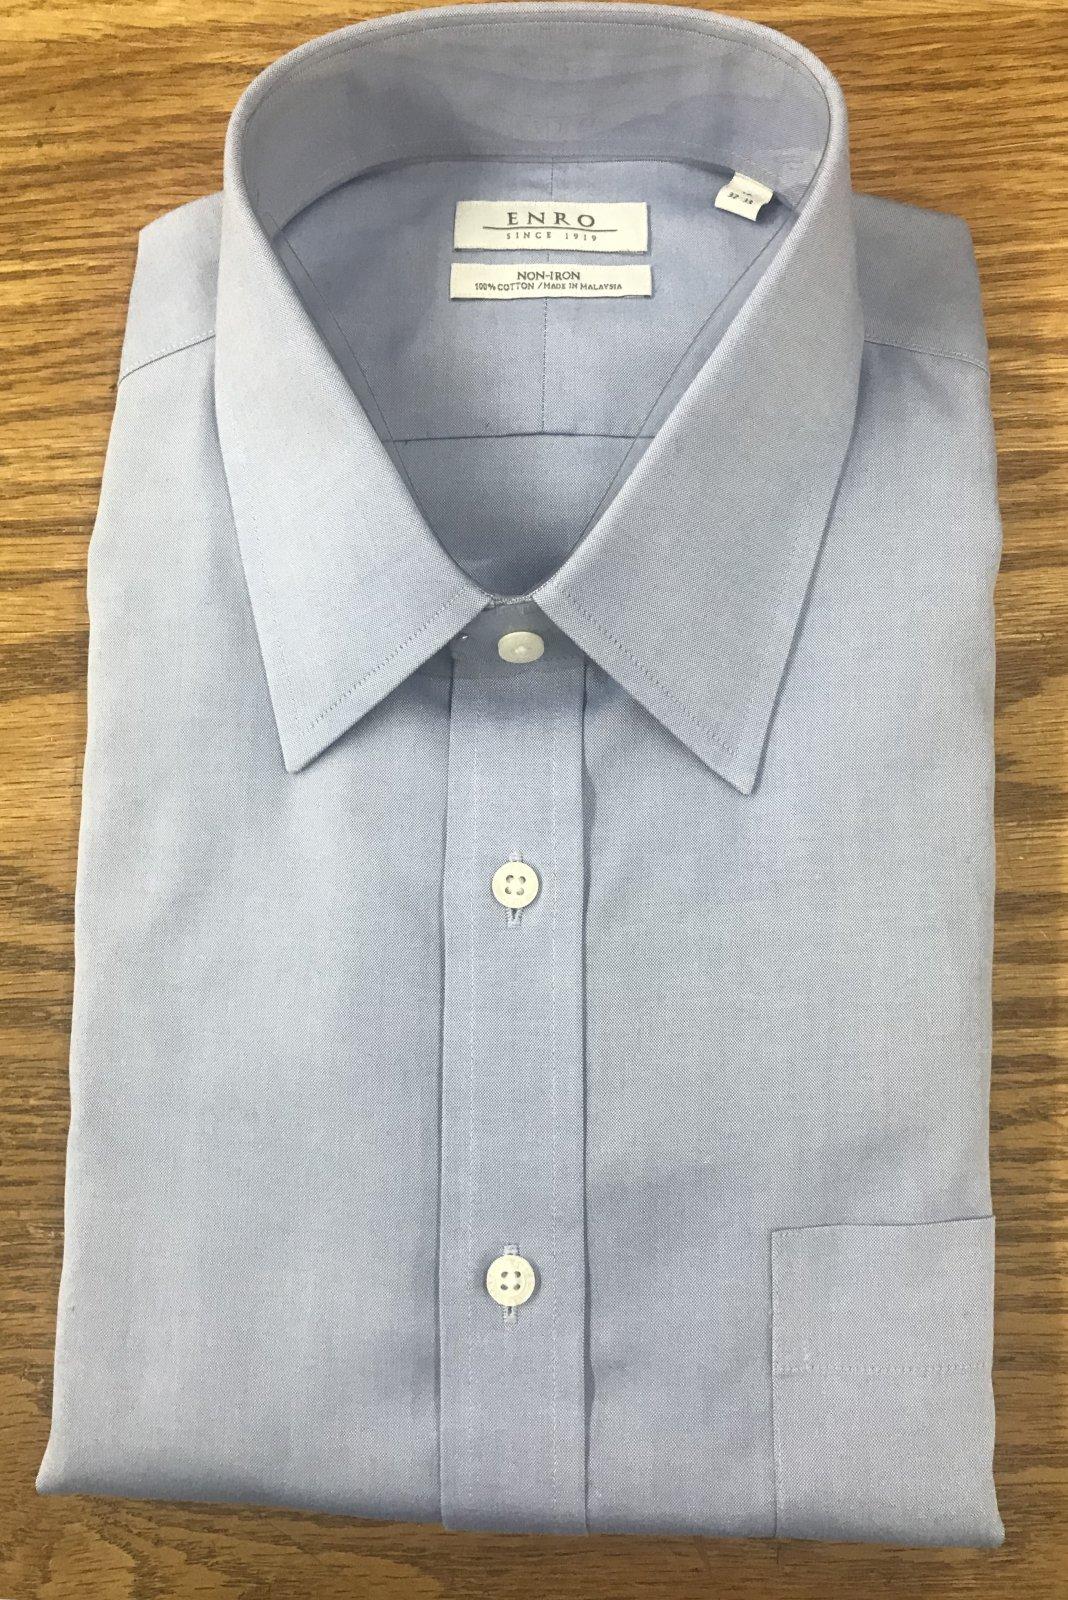 Enro LS Dress Shirt 100105